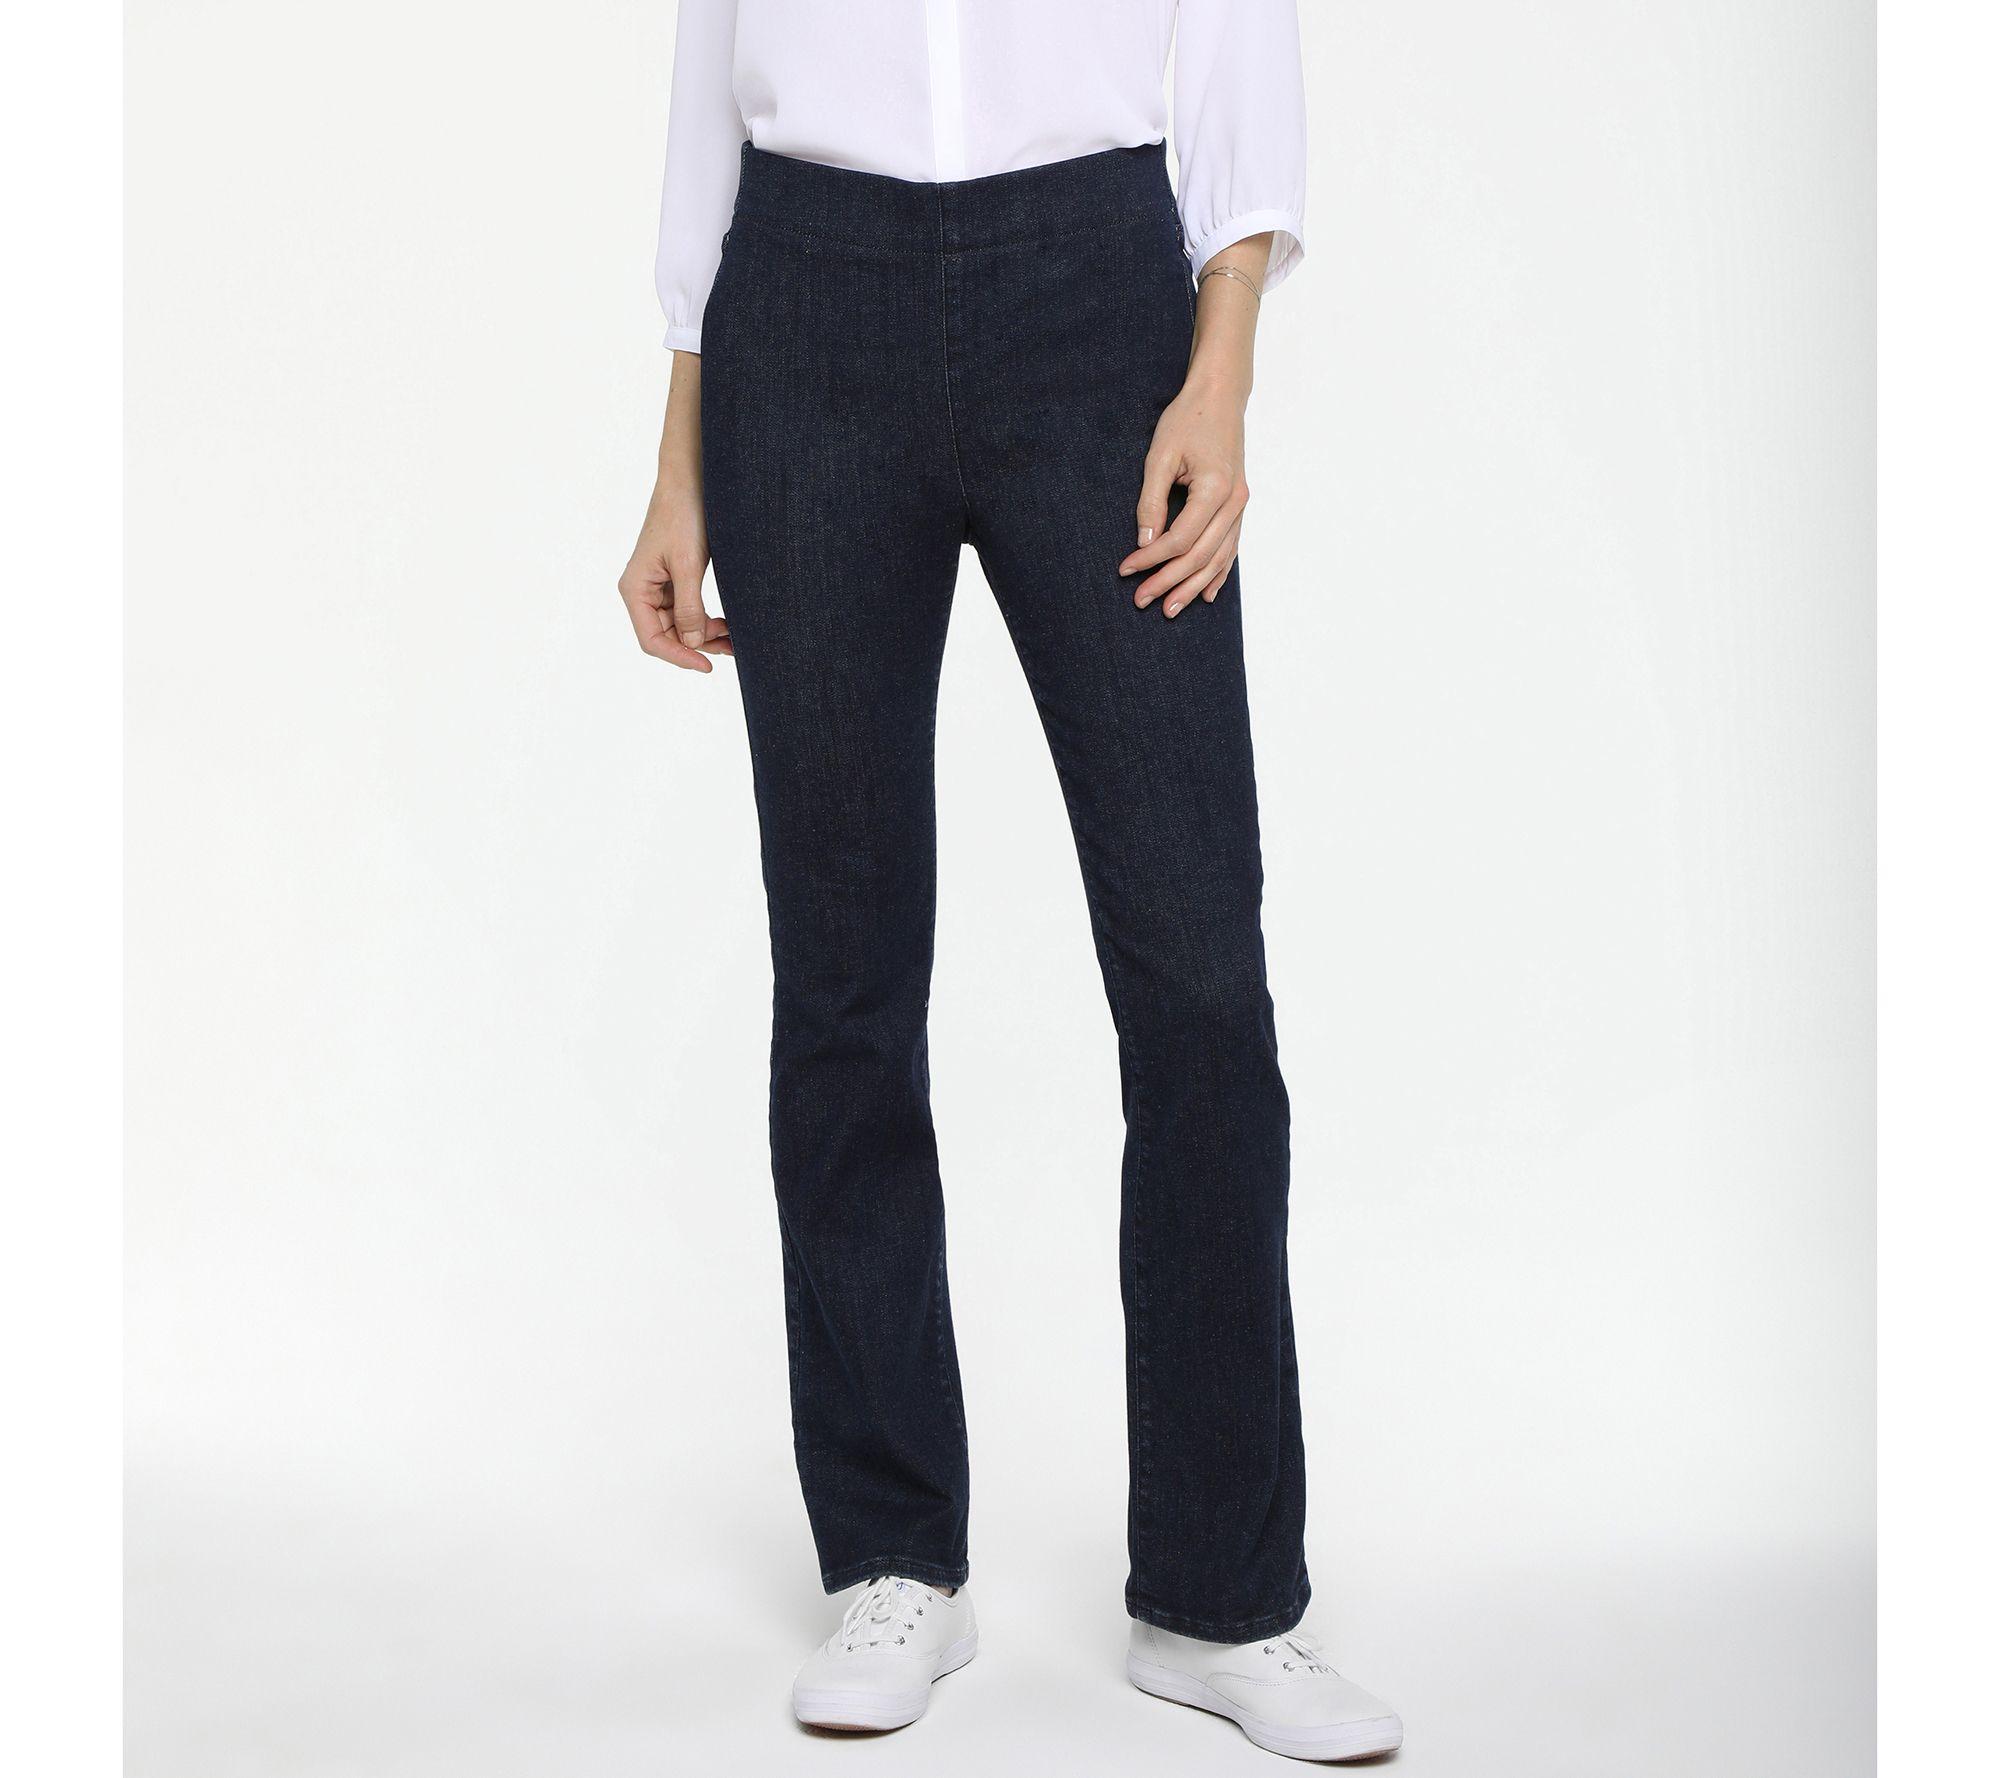 NYDJ_Spanspring Pull-On Slim Bootcut Jeans- Kenzie